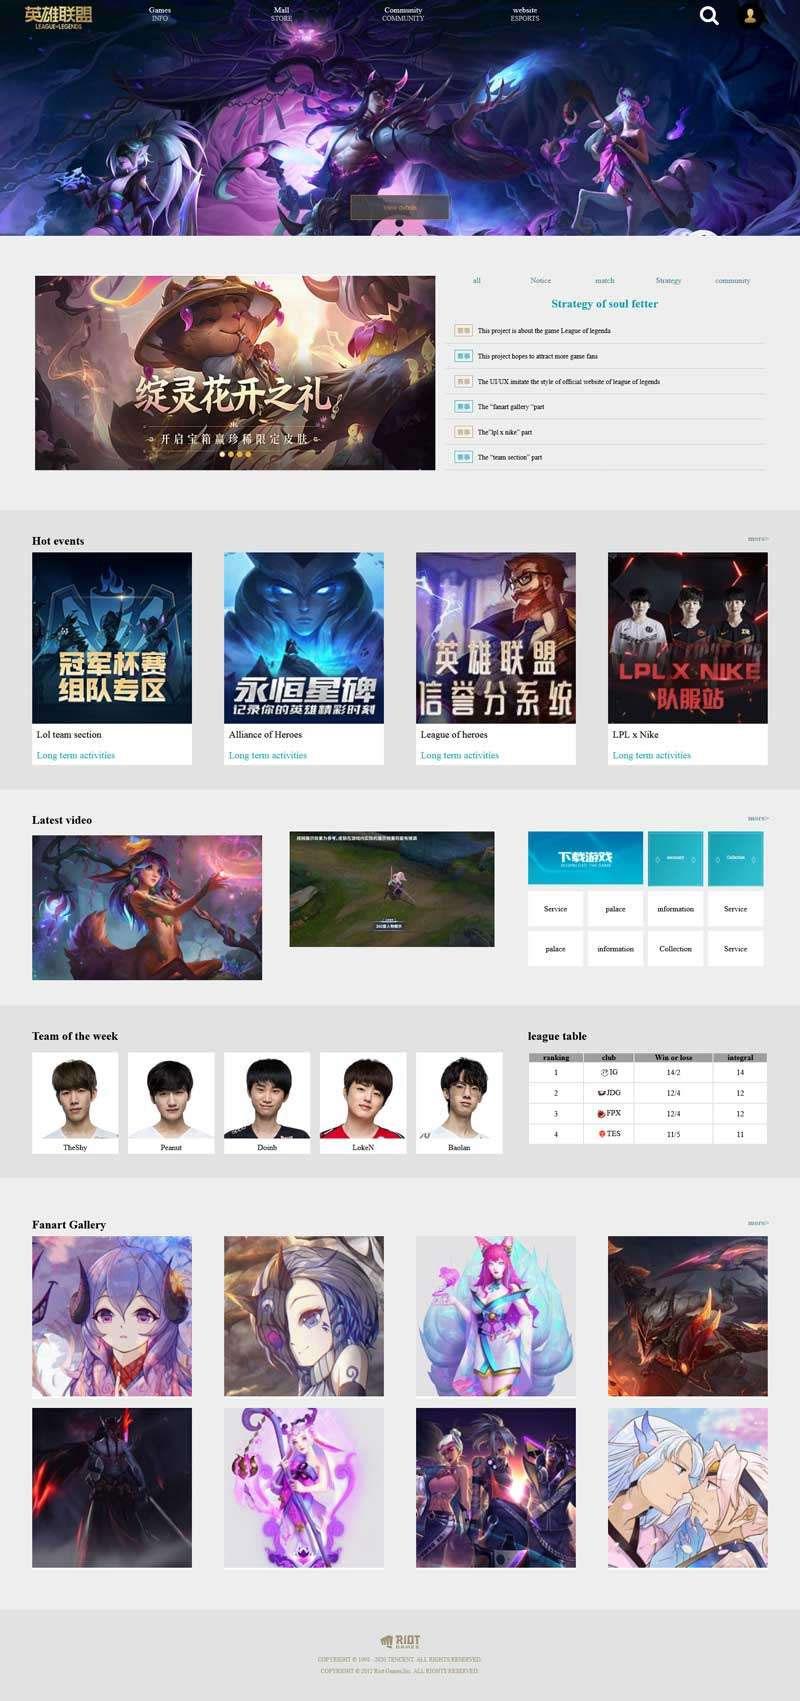 html5宽屏大气响应式英雄联盟竞技塔防类游戏官网主页模板